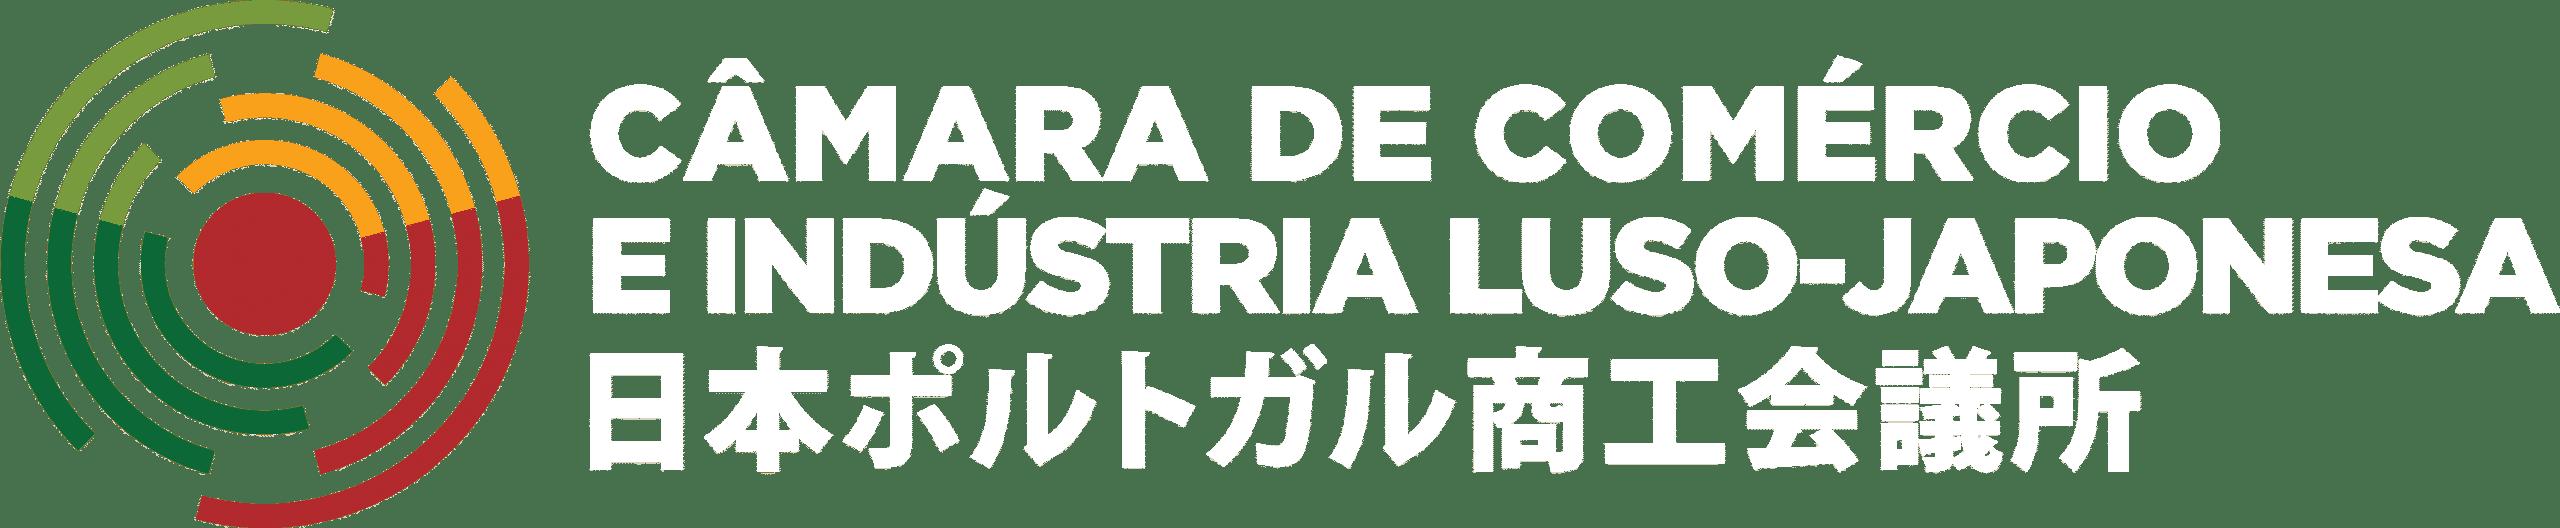 CCI Luso Japonesa